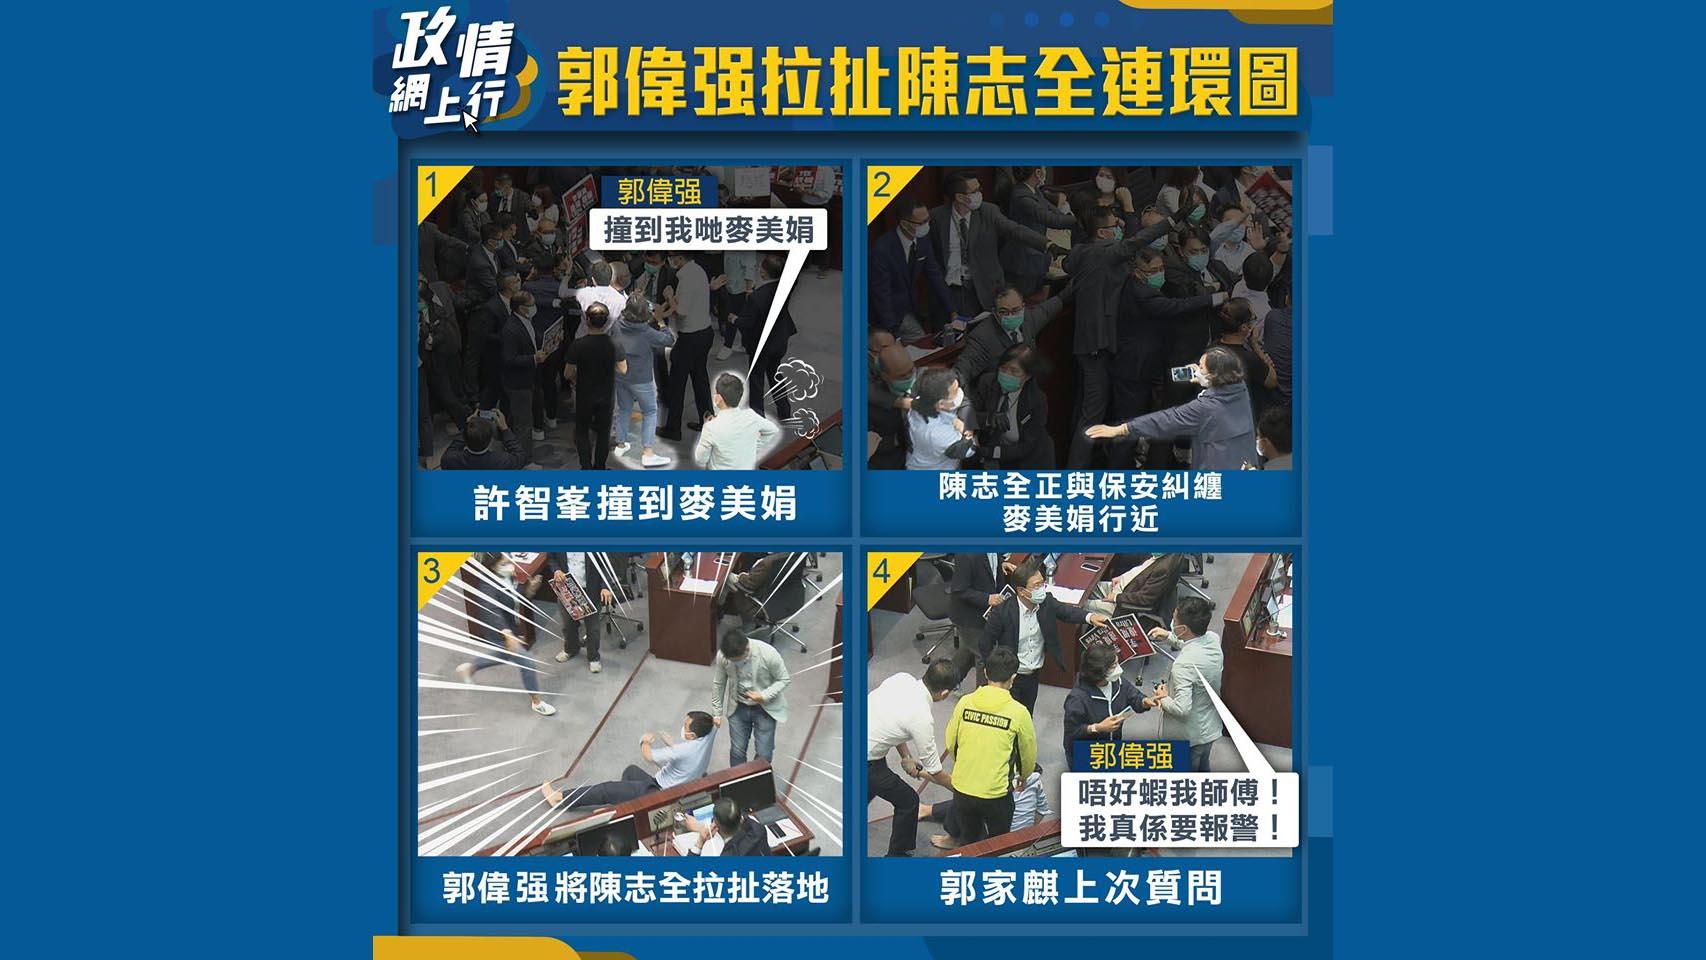 【政情網上行】郭偉强拉扯陳志全連環圖